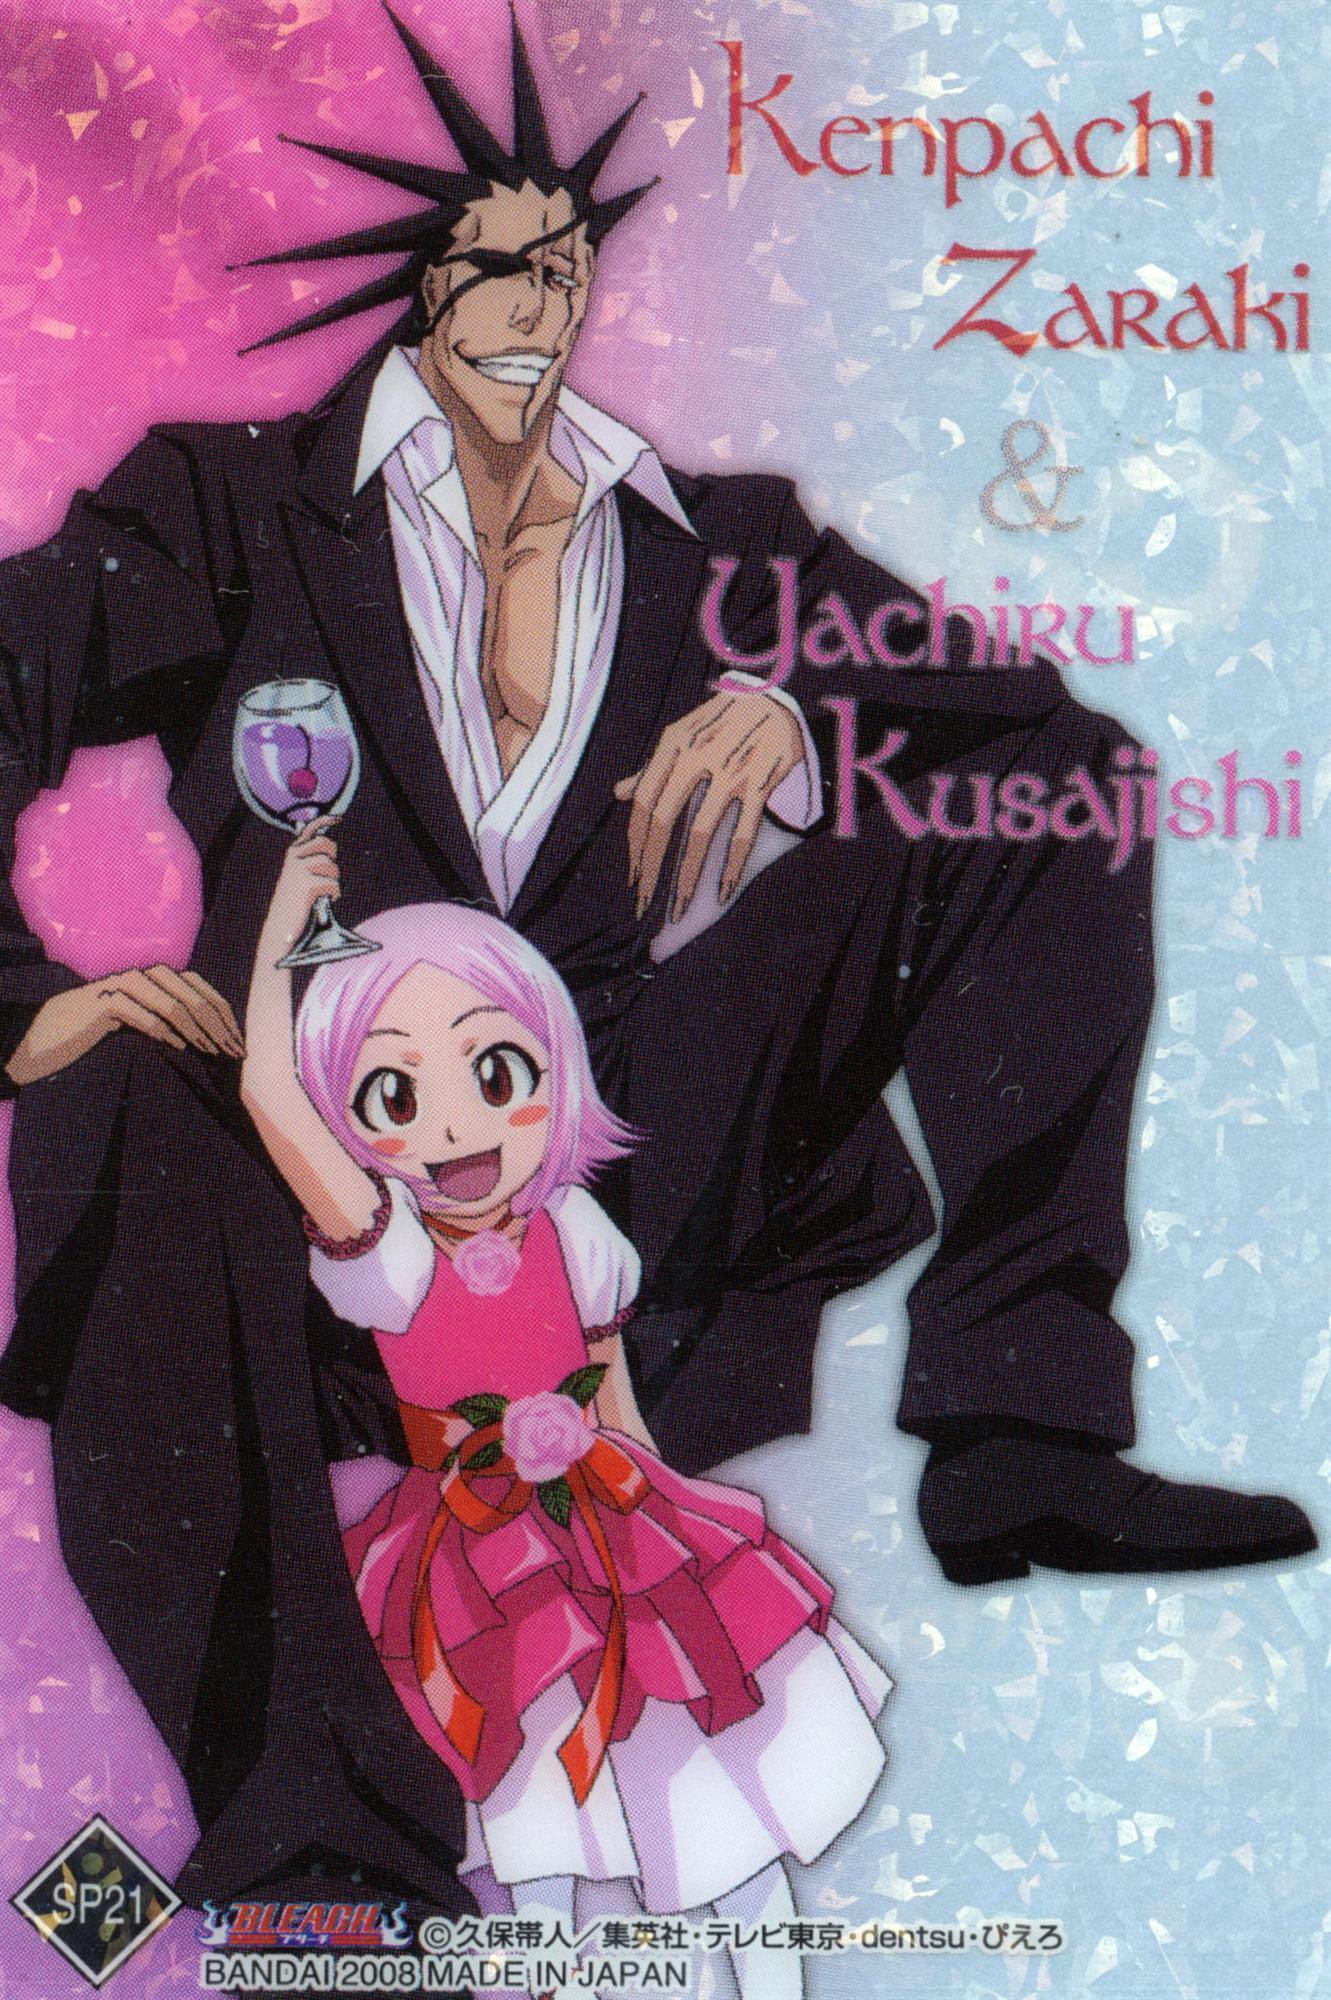 Yachiru and Kenpachi - Bleach Anime Photo (17795883) - Fanpop